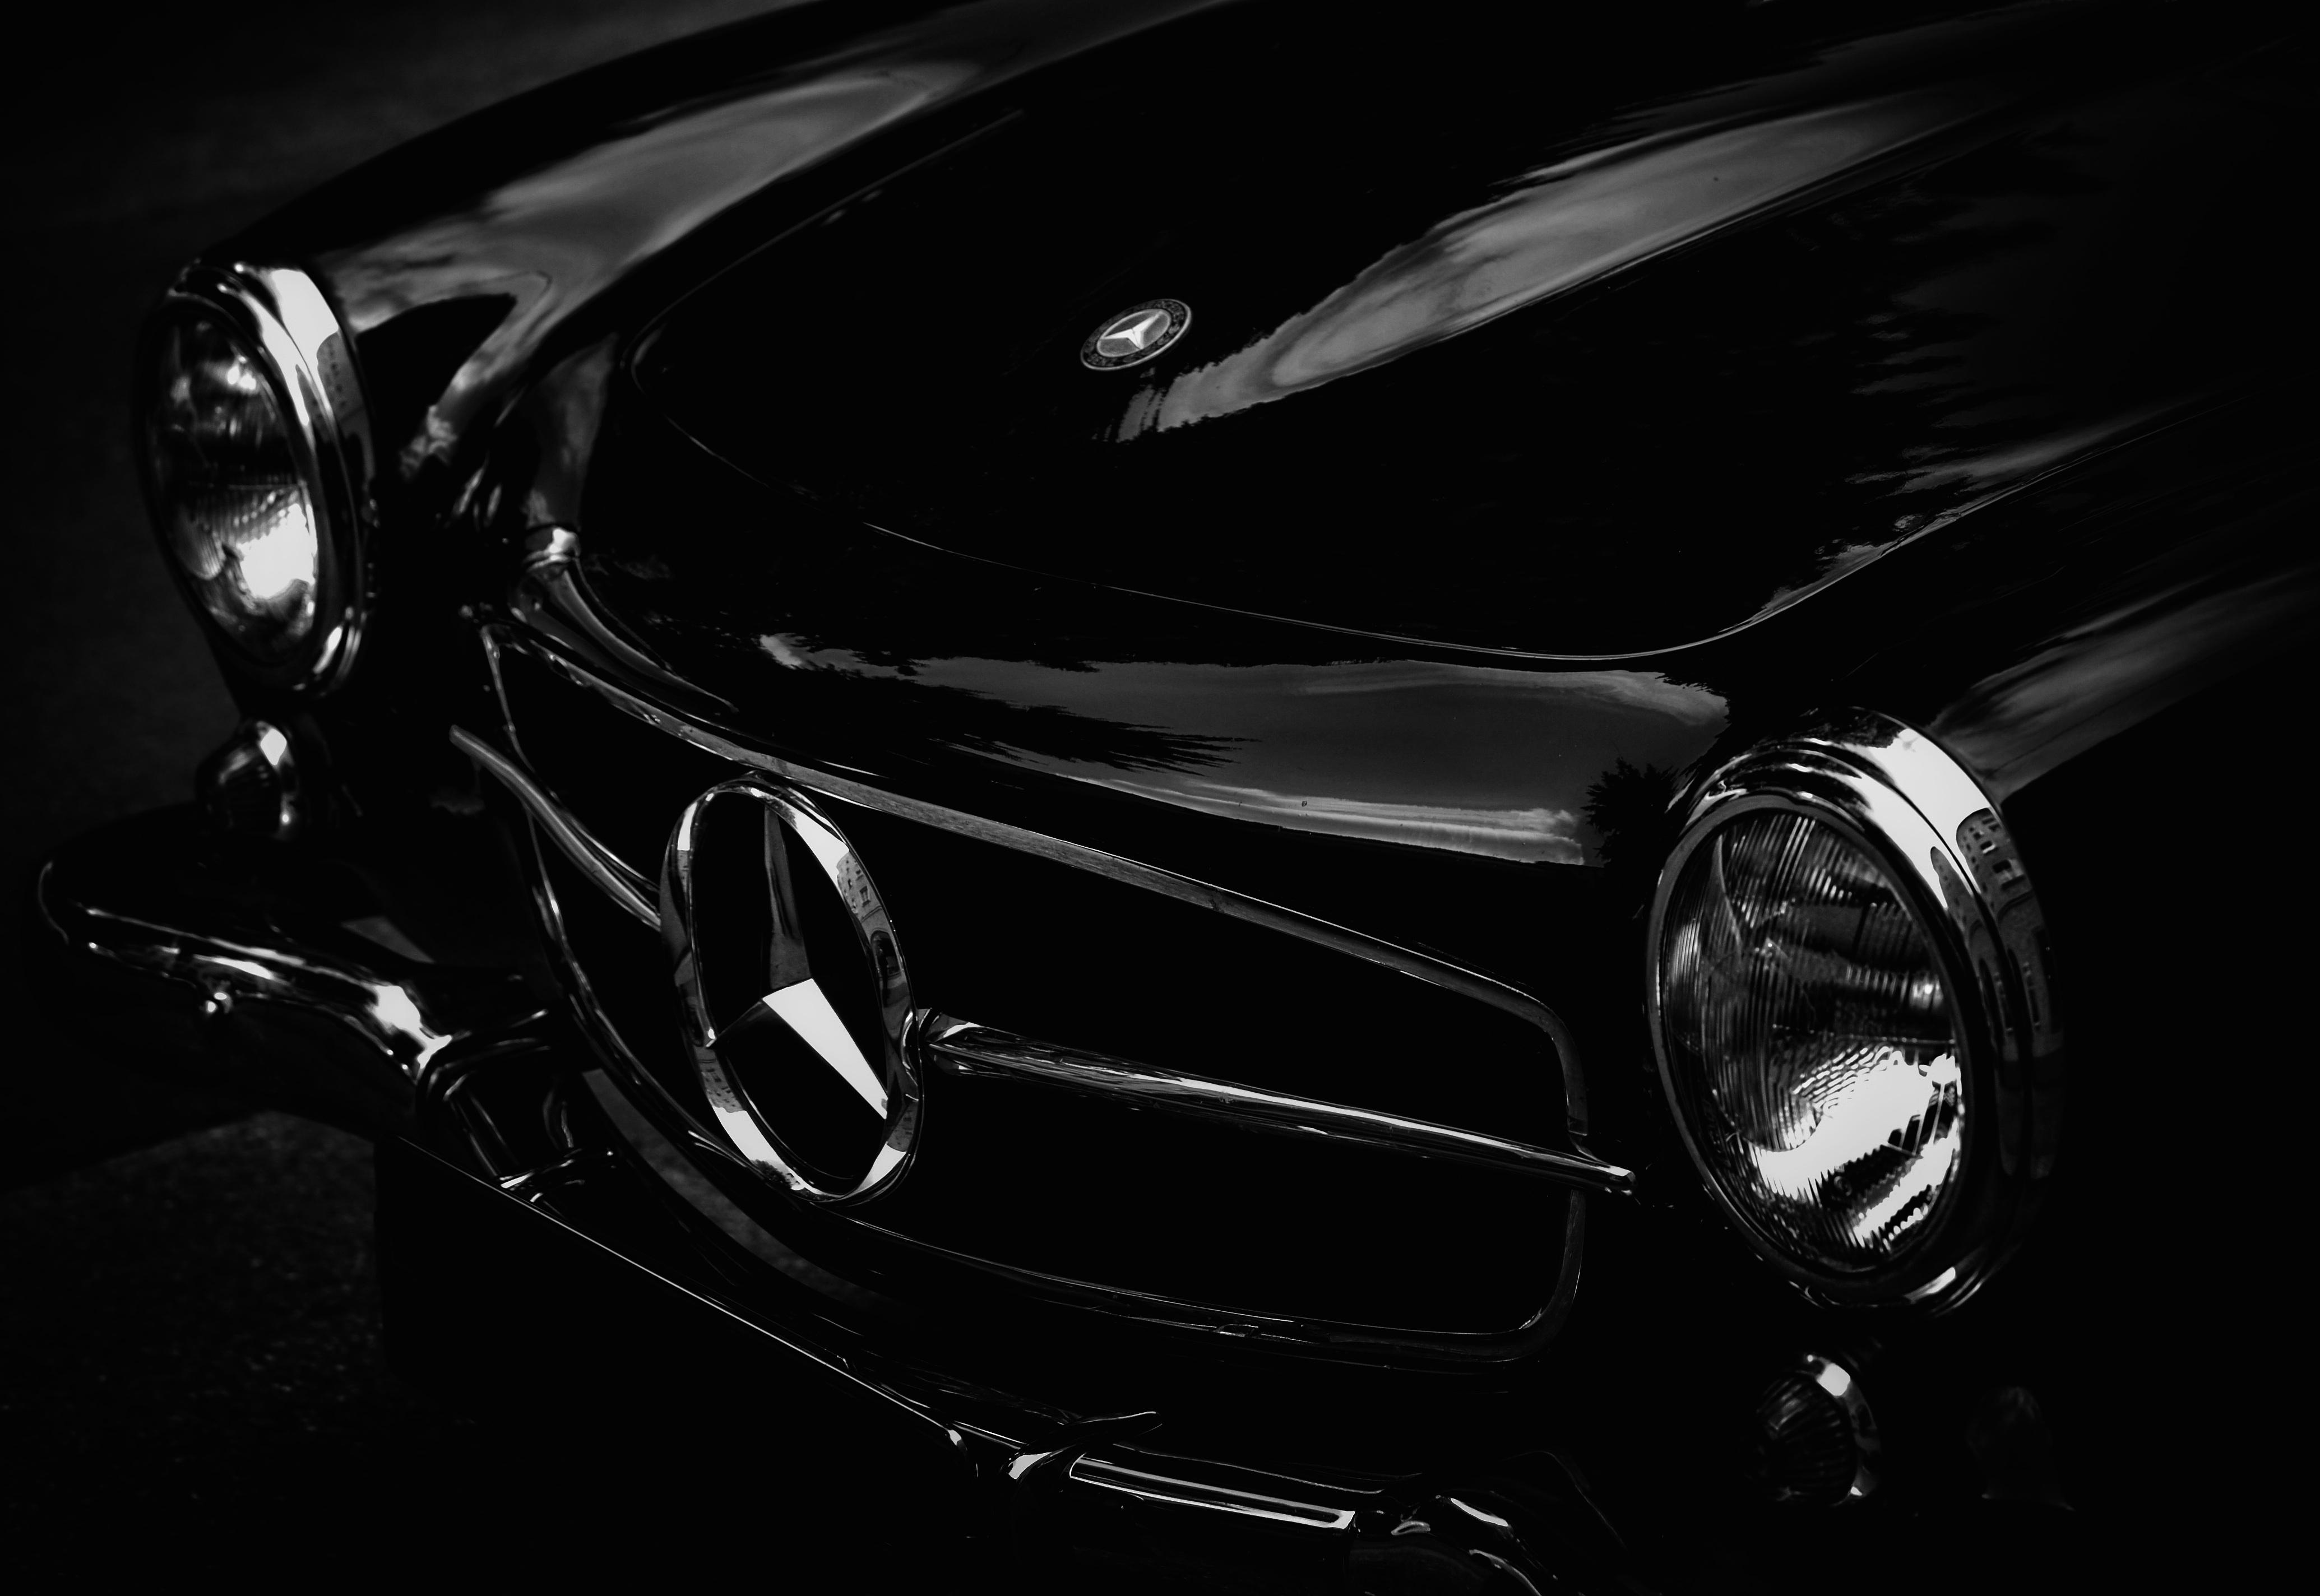 images gratuites noir et blanc roue v hicule monochrome voiture de sport supercar. Black Bedroom Furniture Sets. Home Design Ideas